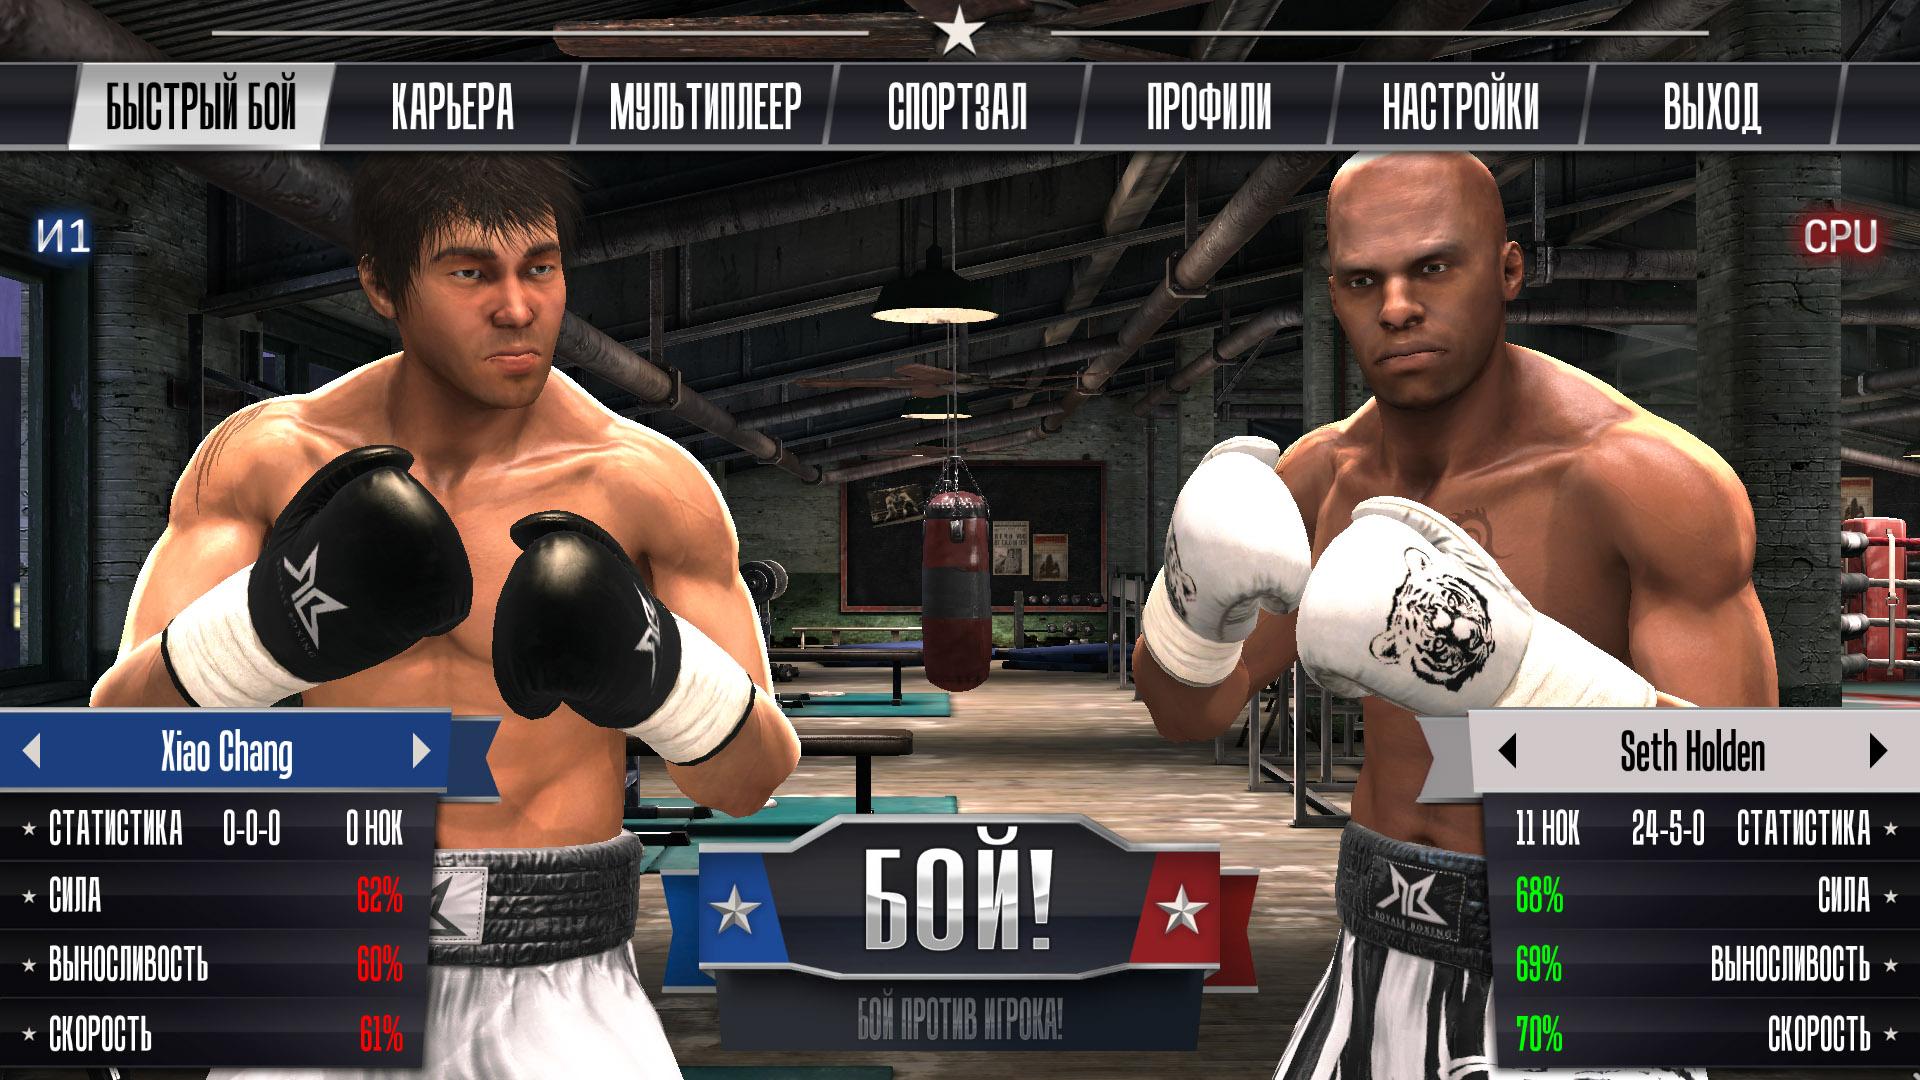 Скачать игру boxing на компьютер через торрент